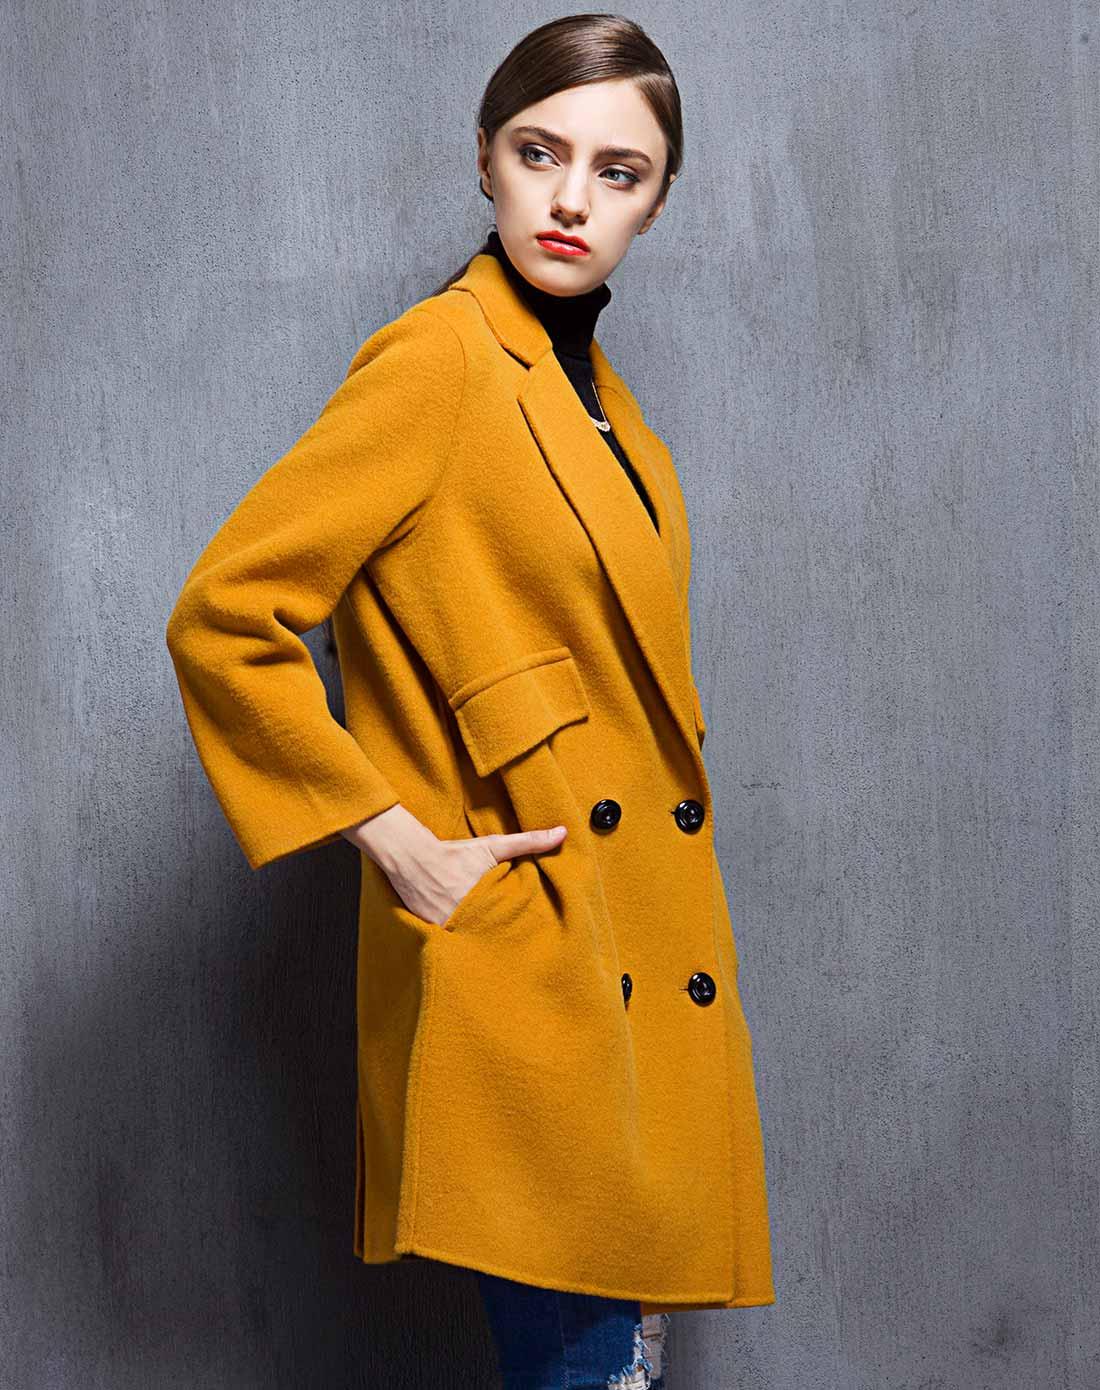 女款黄棕色双面呢大衣